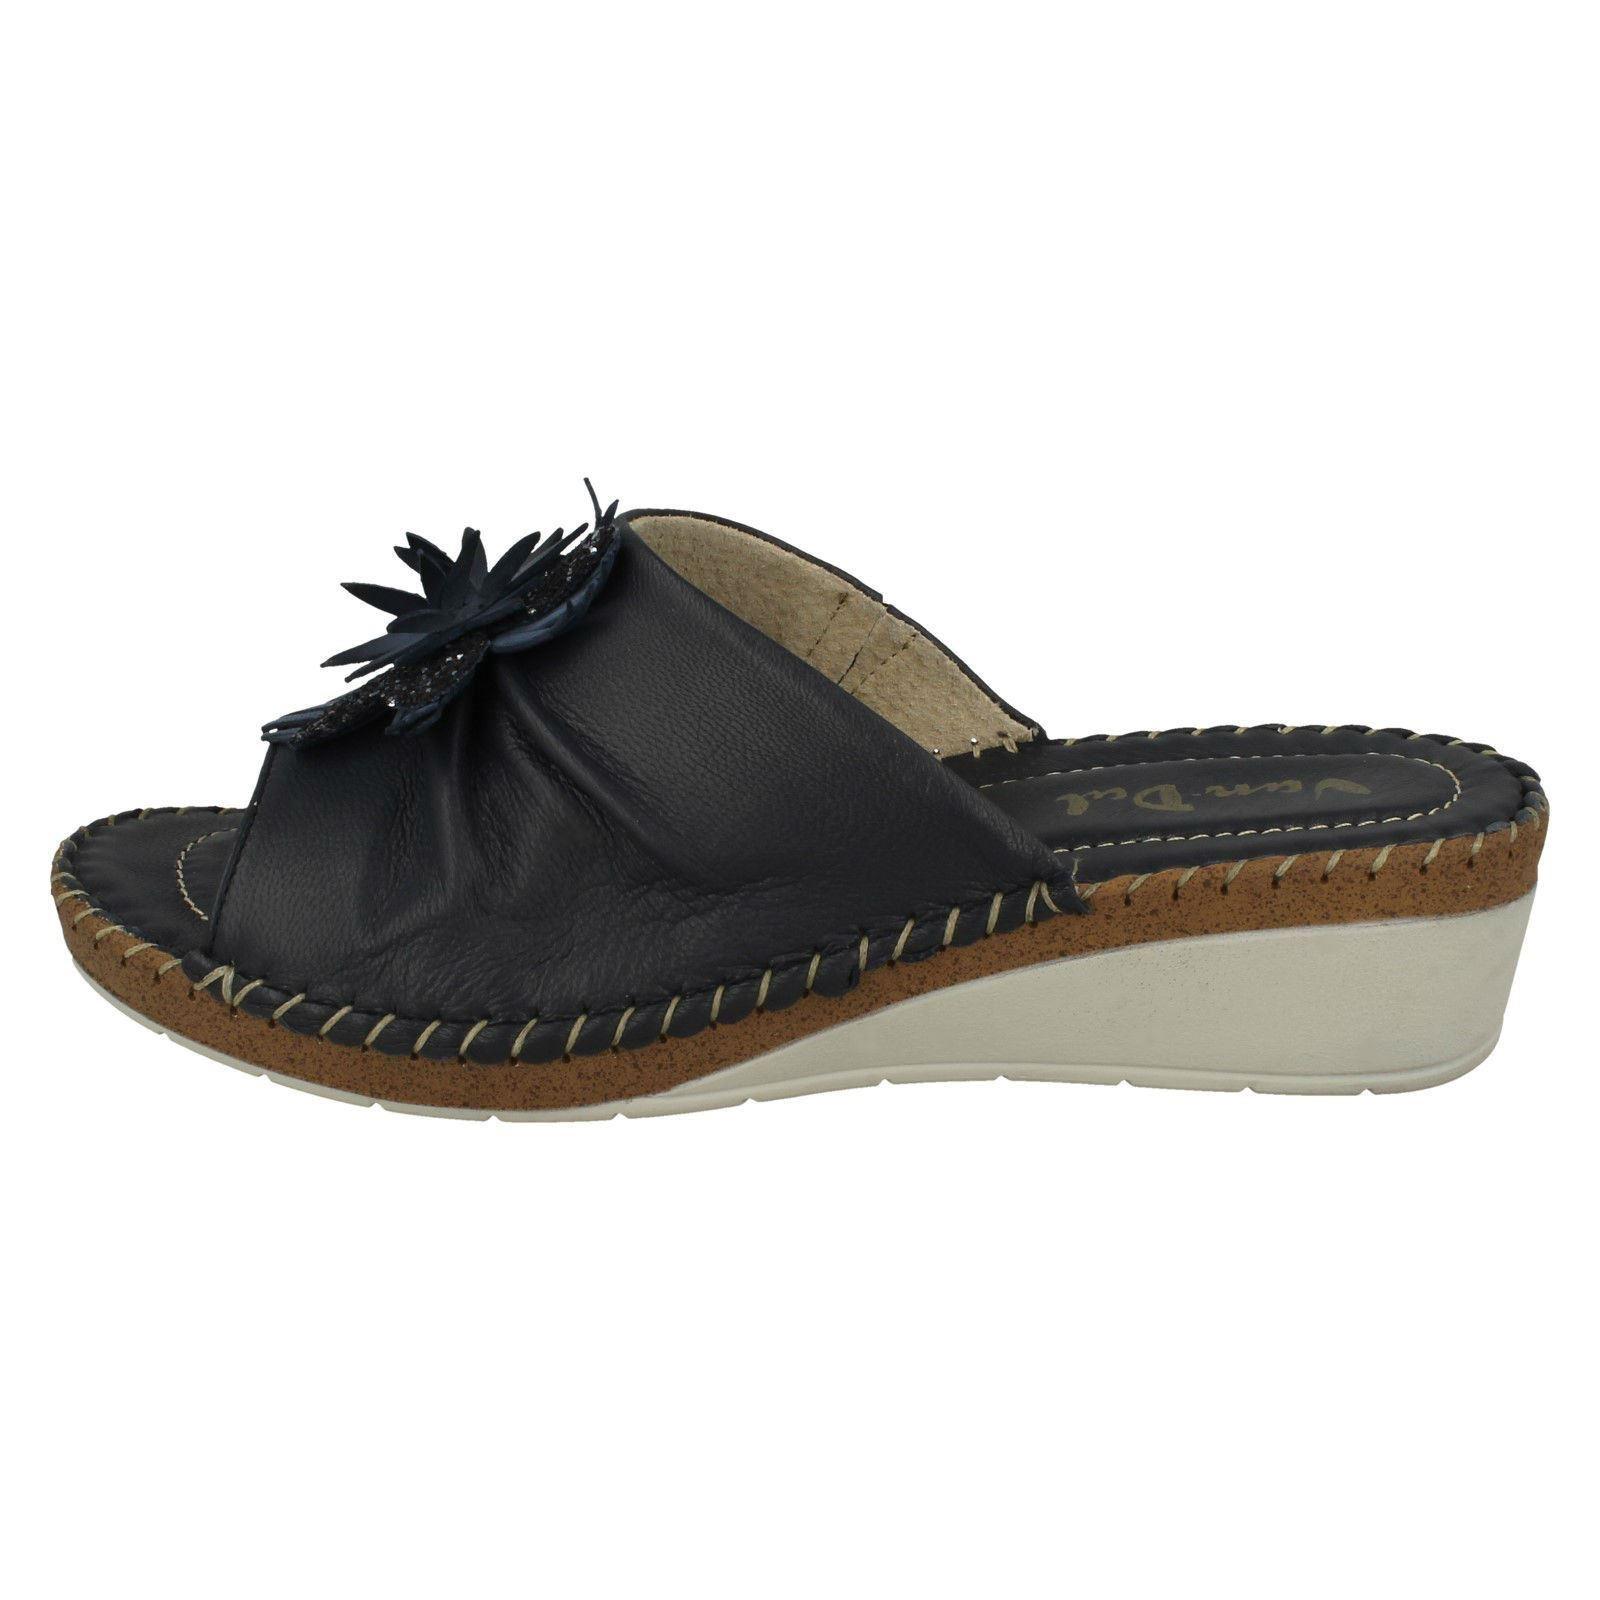 Ladies-Van-Dal-Wedge-Heel-Mule-Sandals-039-Banks-039 thumbnail 17